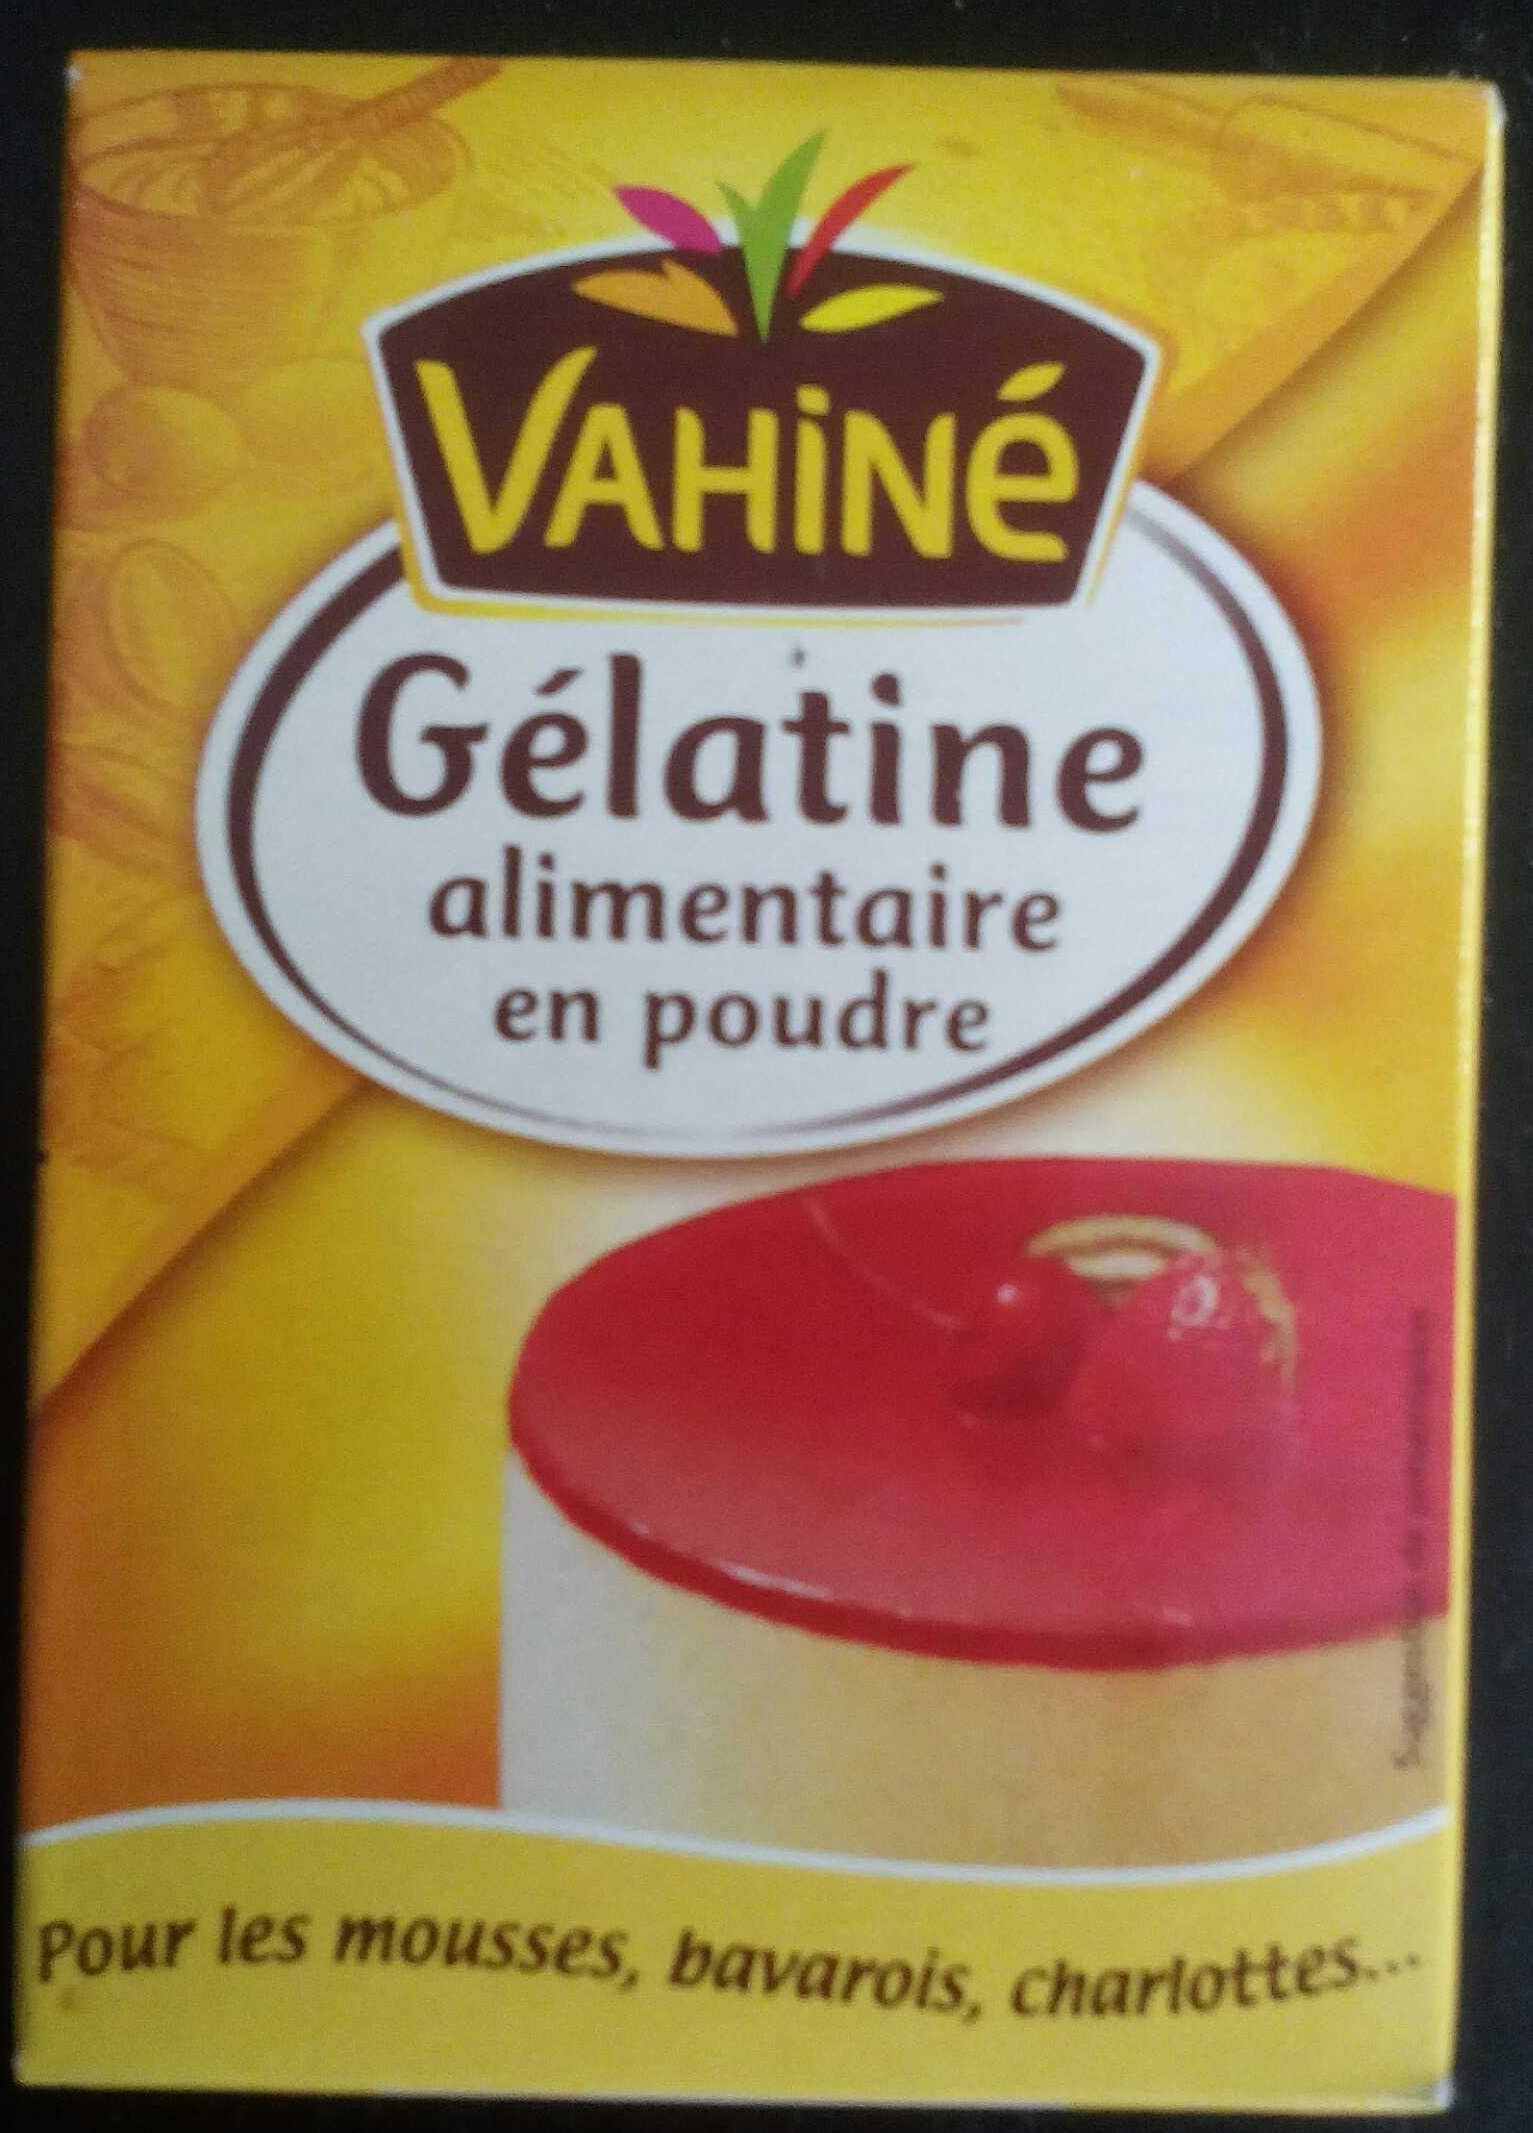 Gélatine alimentaire en poudre - Product